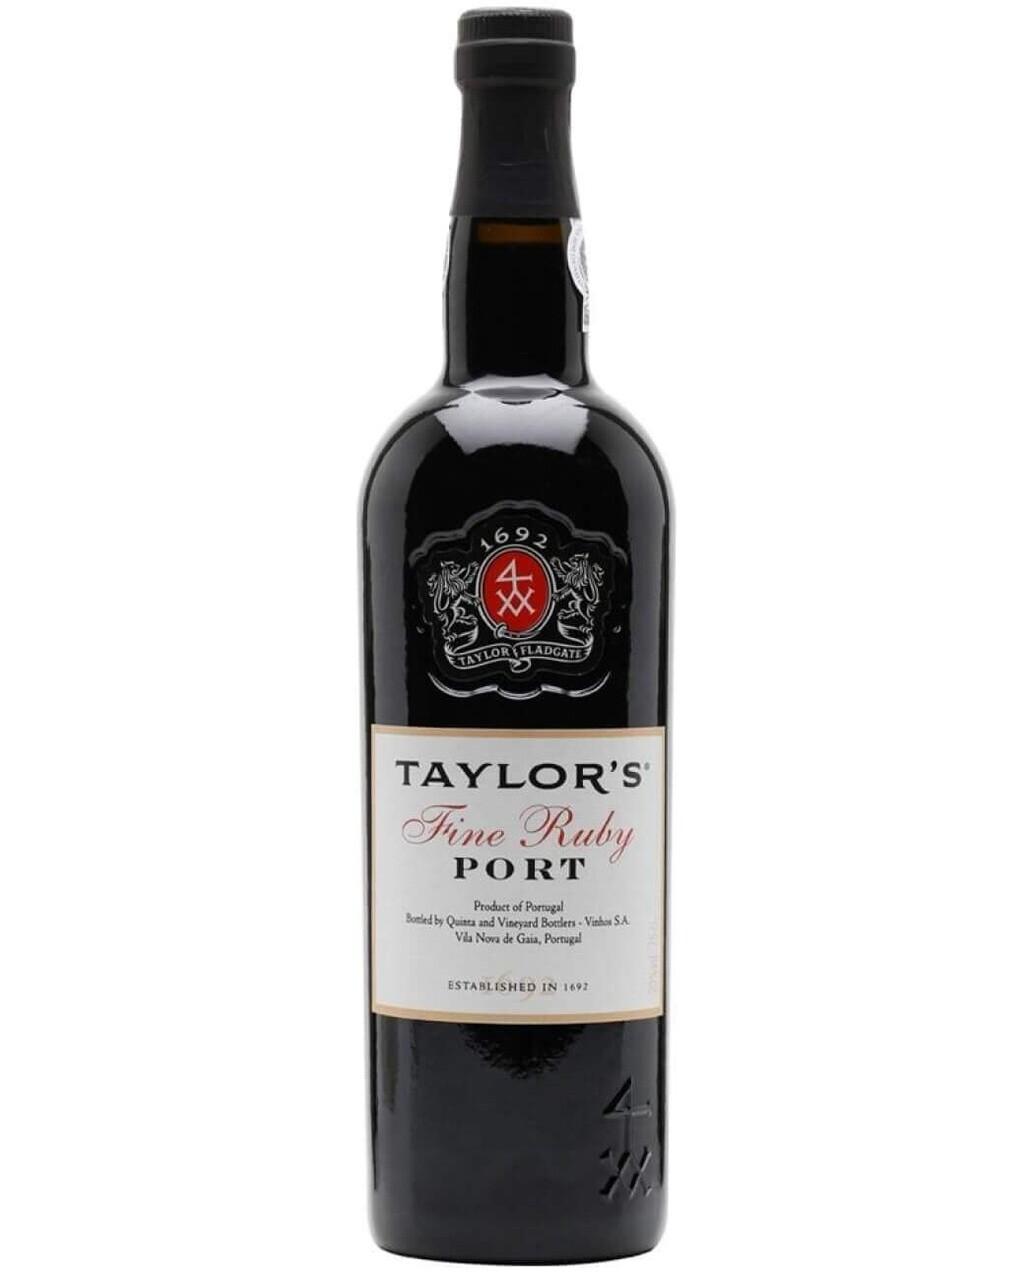 Taylor's Fine Tawny Vin de Porto